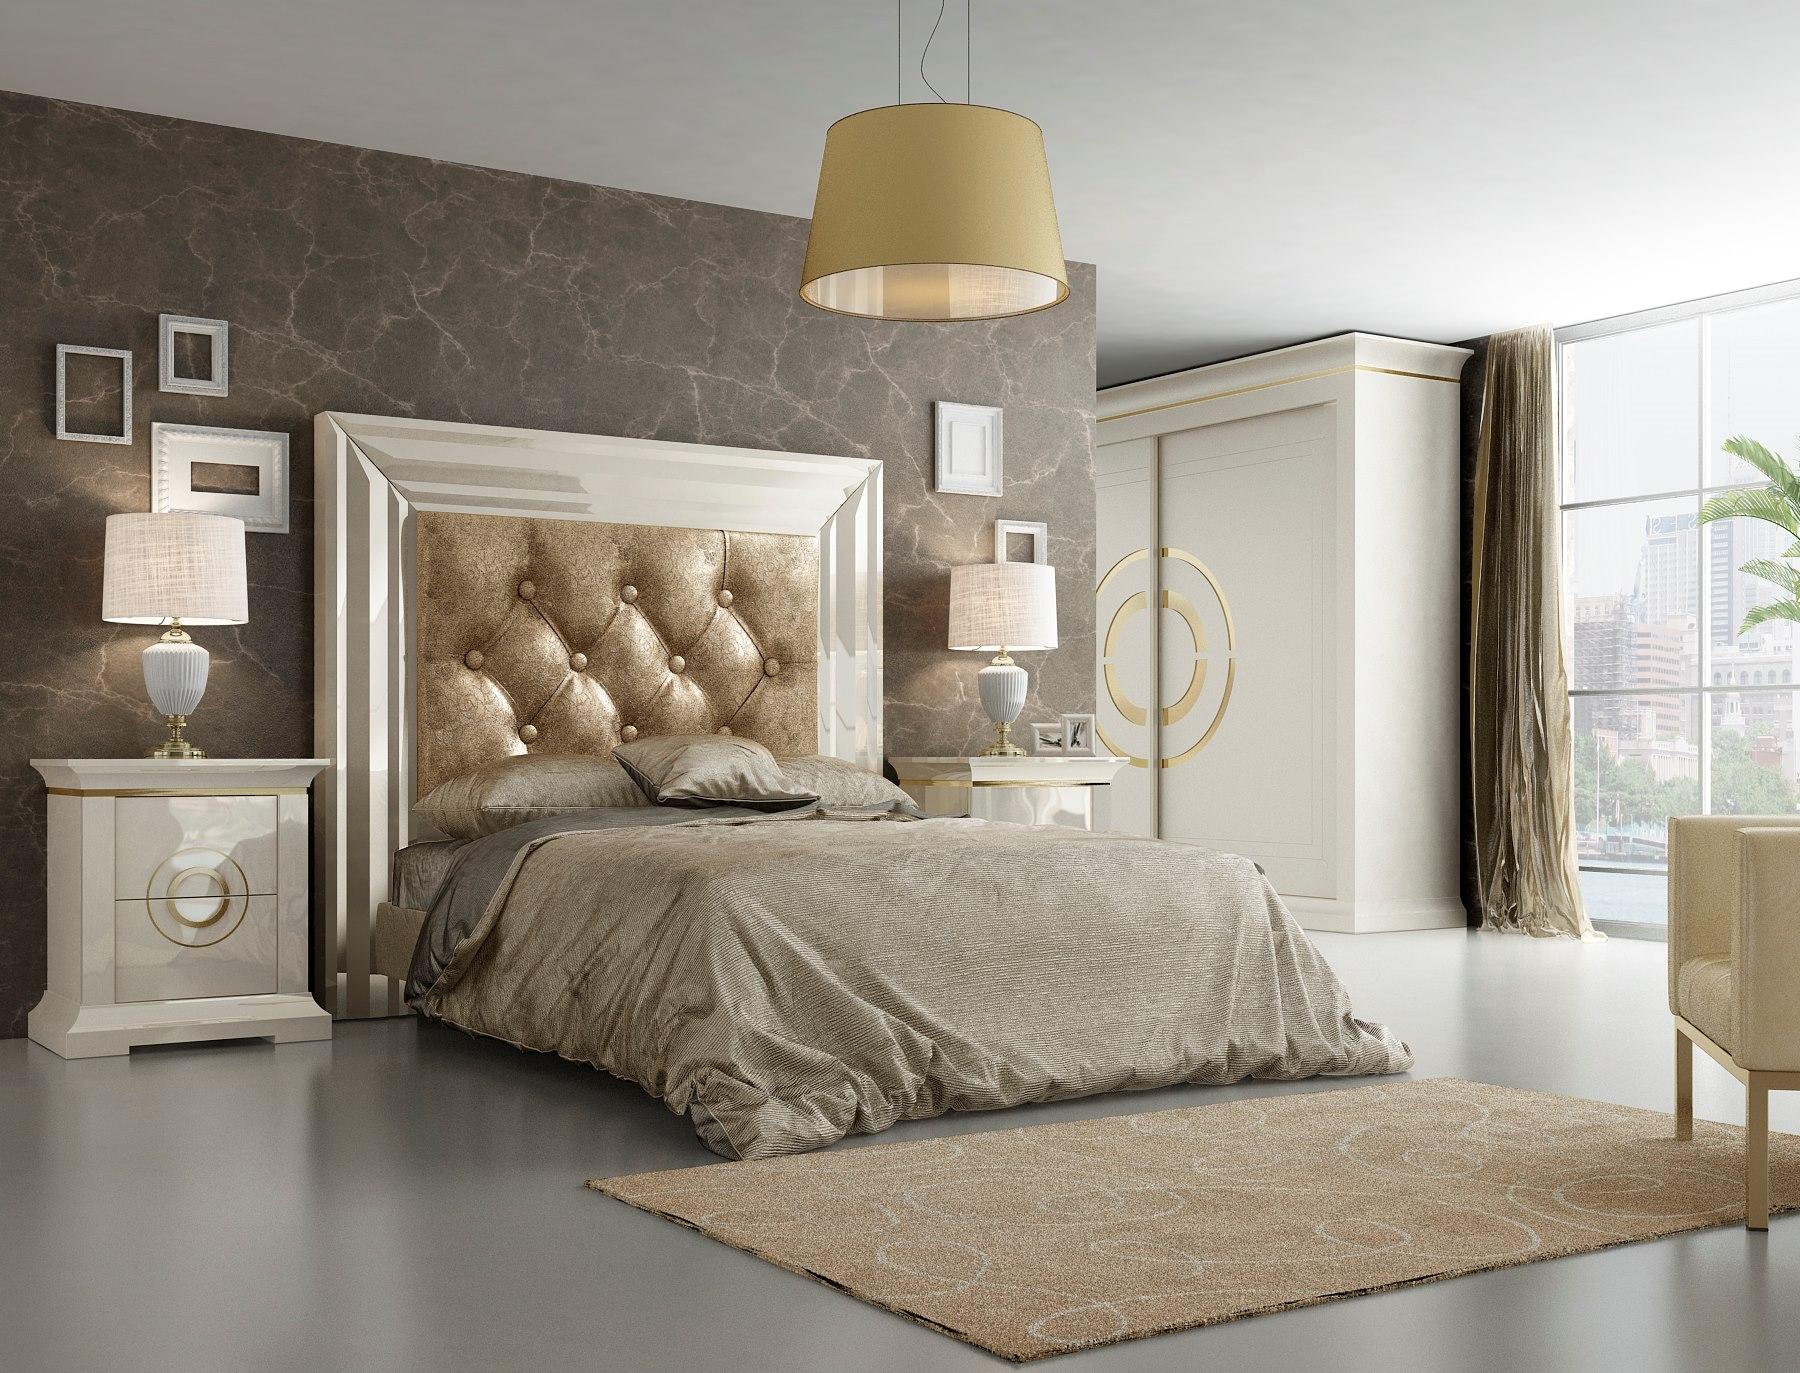 Decovarte bedroom D76